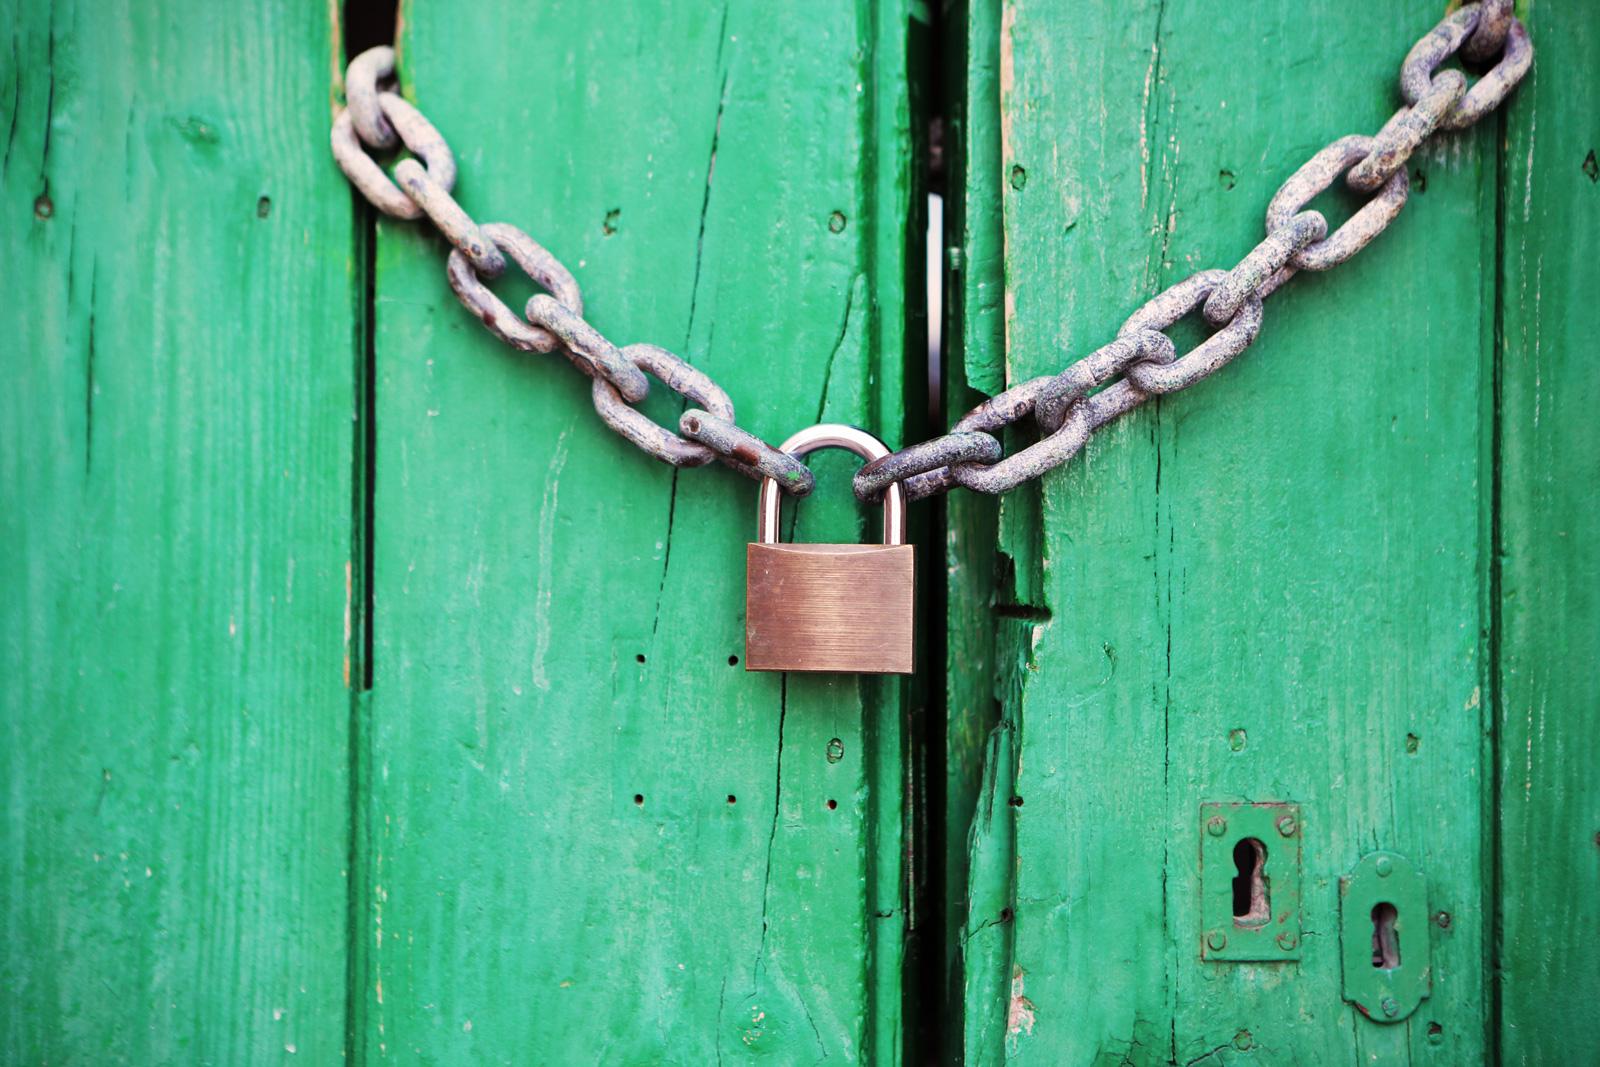 チェーン 鎖 鍵 キー アンロック 侵入 漏洩 データ 流出 サイバー攻撃